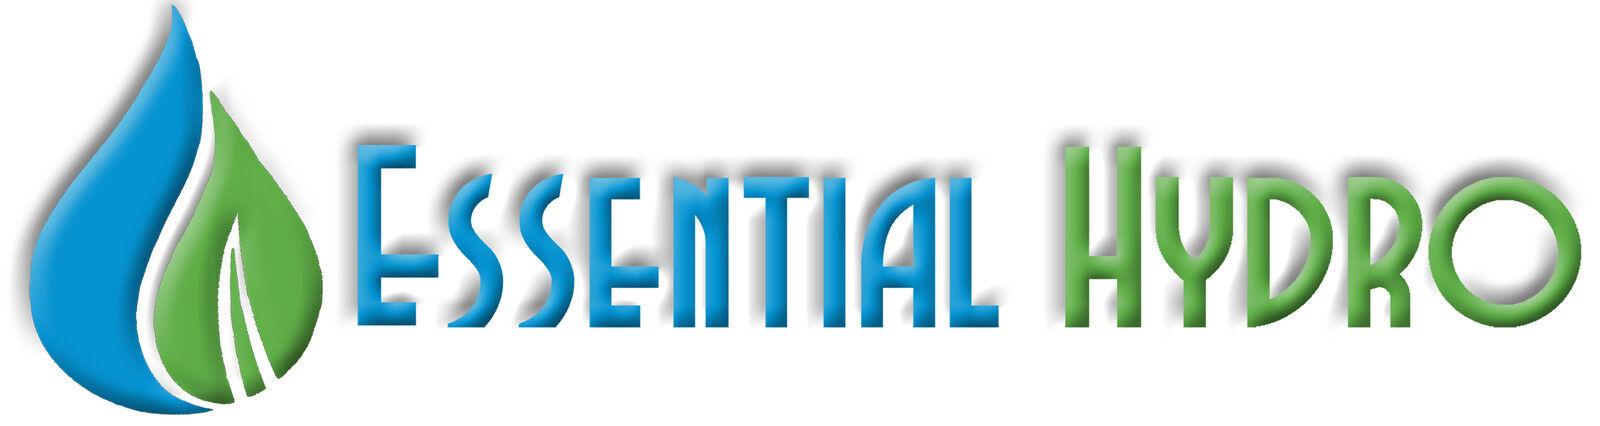 Essential Hydro